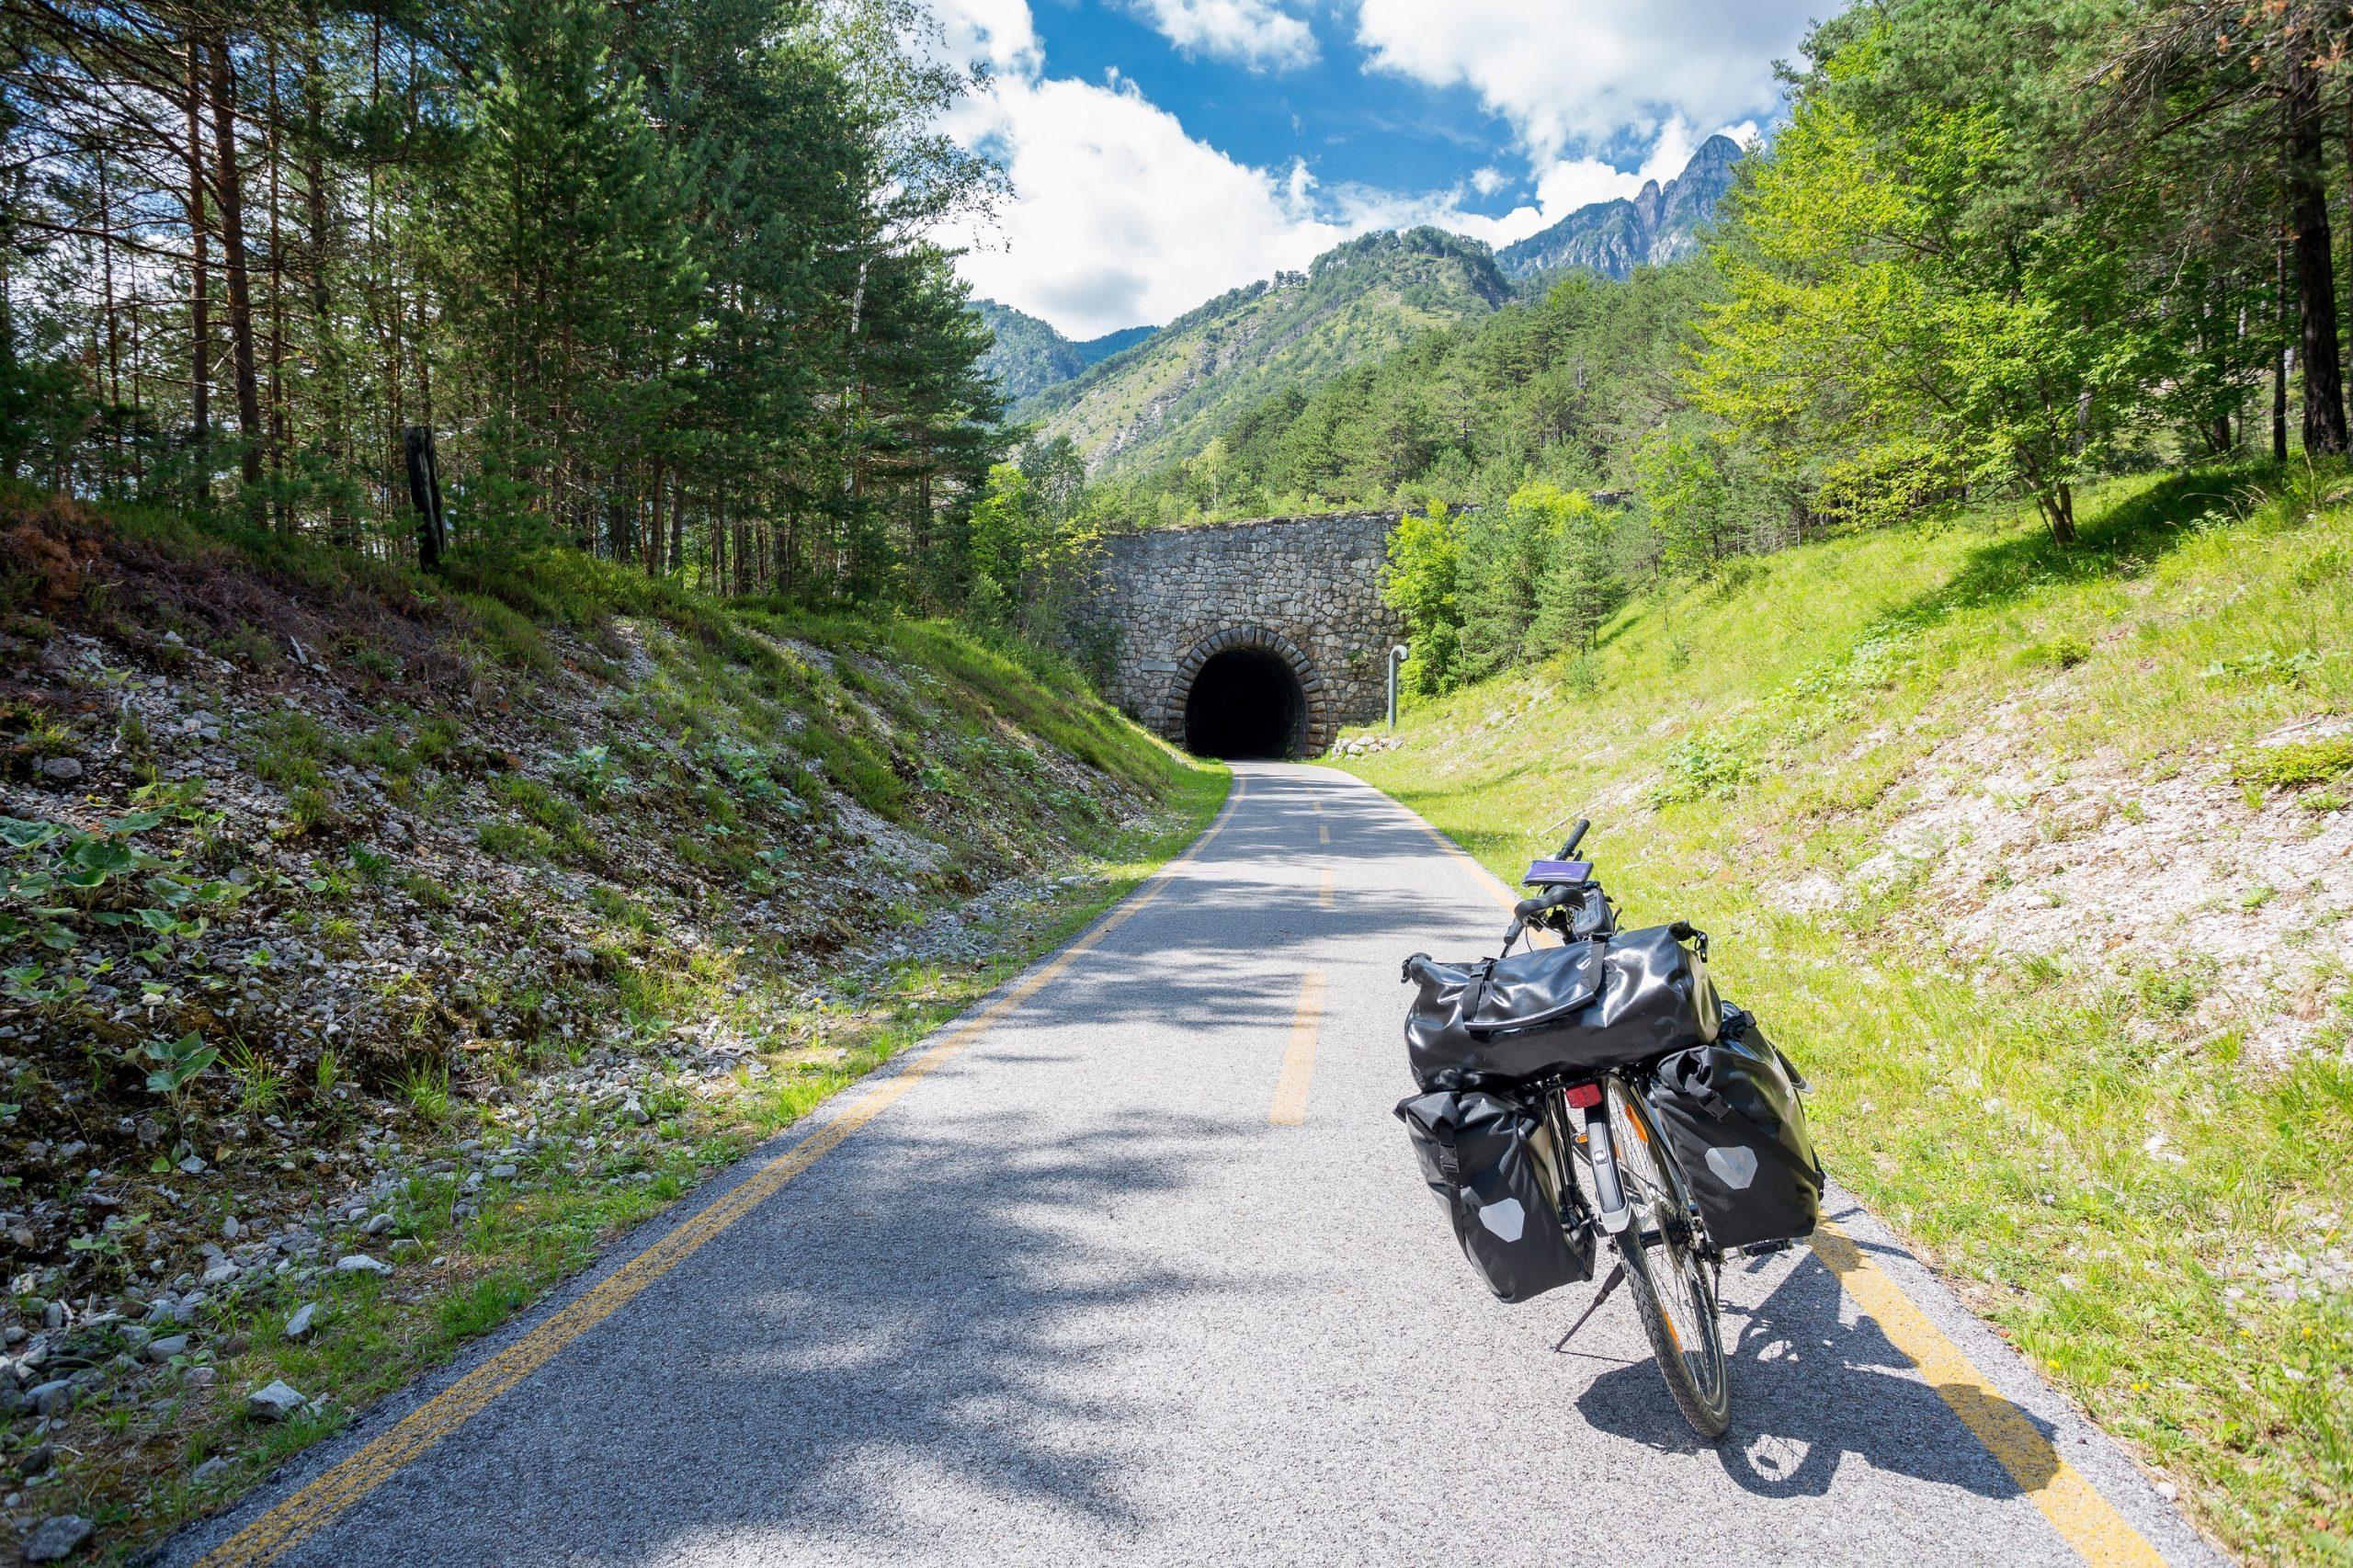 Sulla ciclabile Alpe Adria si pedala in due paesi diversi e si gode di un paesaggio vario e pieno di contrasti